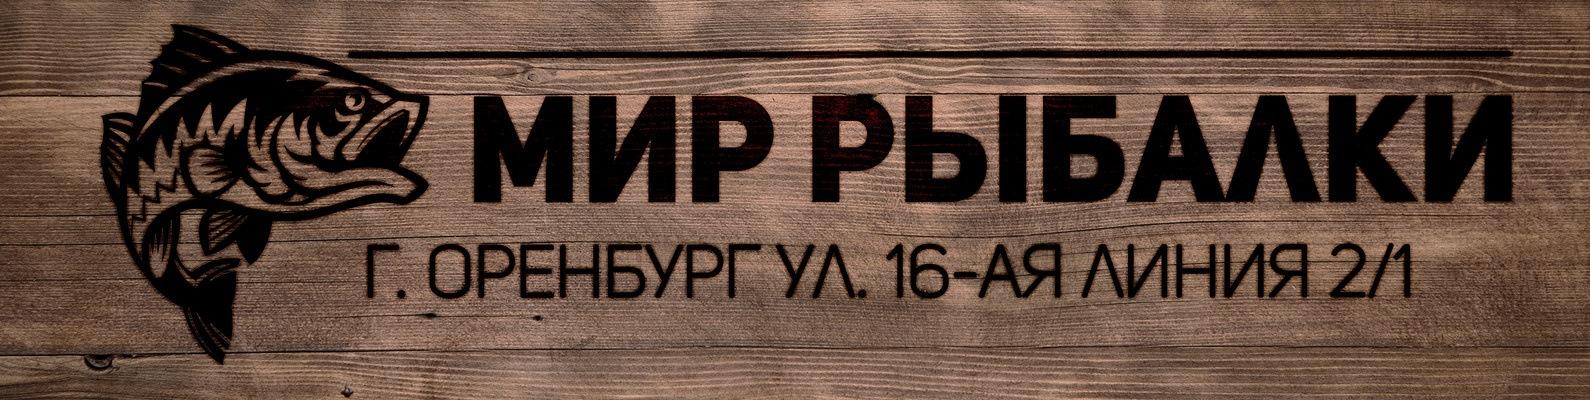 Мир рыбалки оренбург официальный сайт